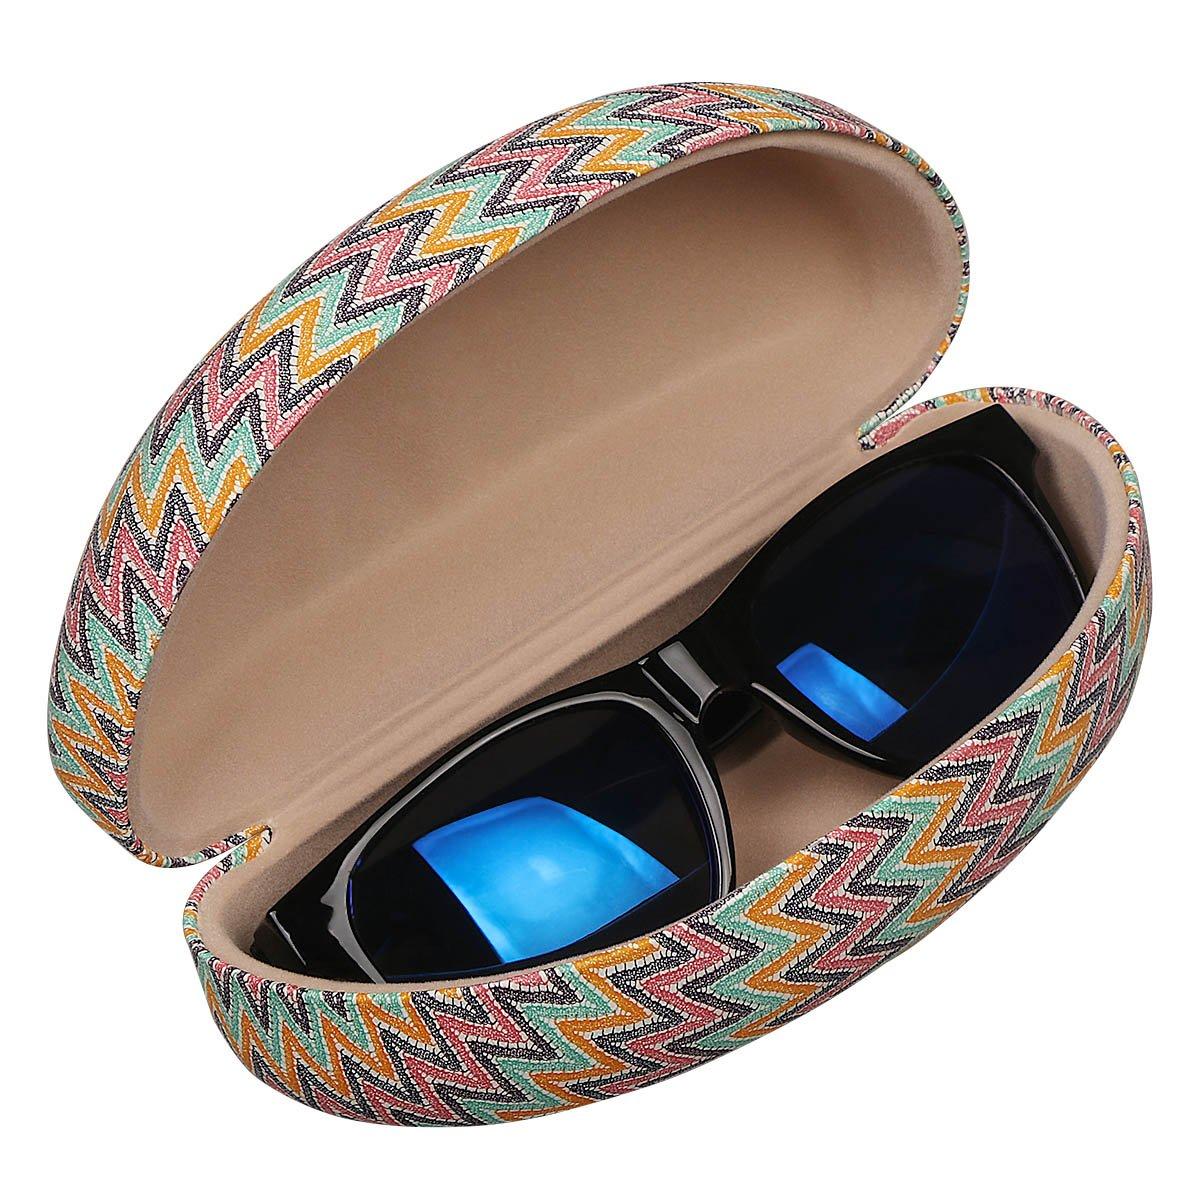 Black Peony xhorizon FL1 Hard Shell Sunglasses Case,Classic Extra Large Case for Oversized Sunglasses and Eyeglasses